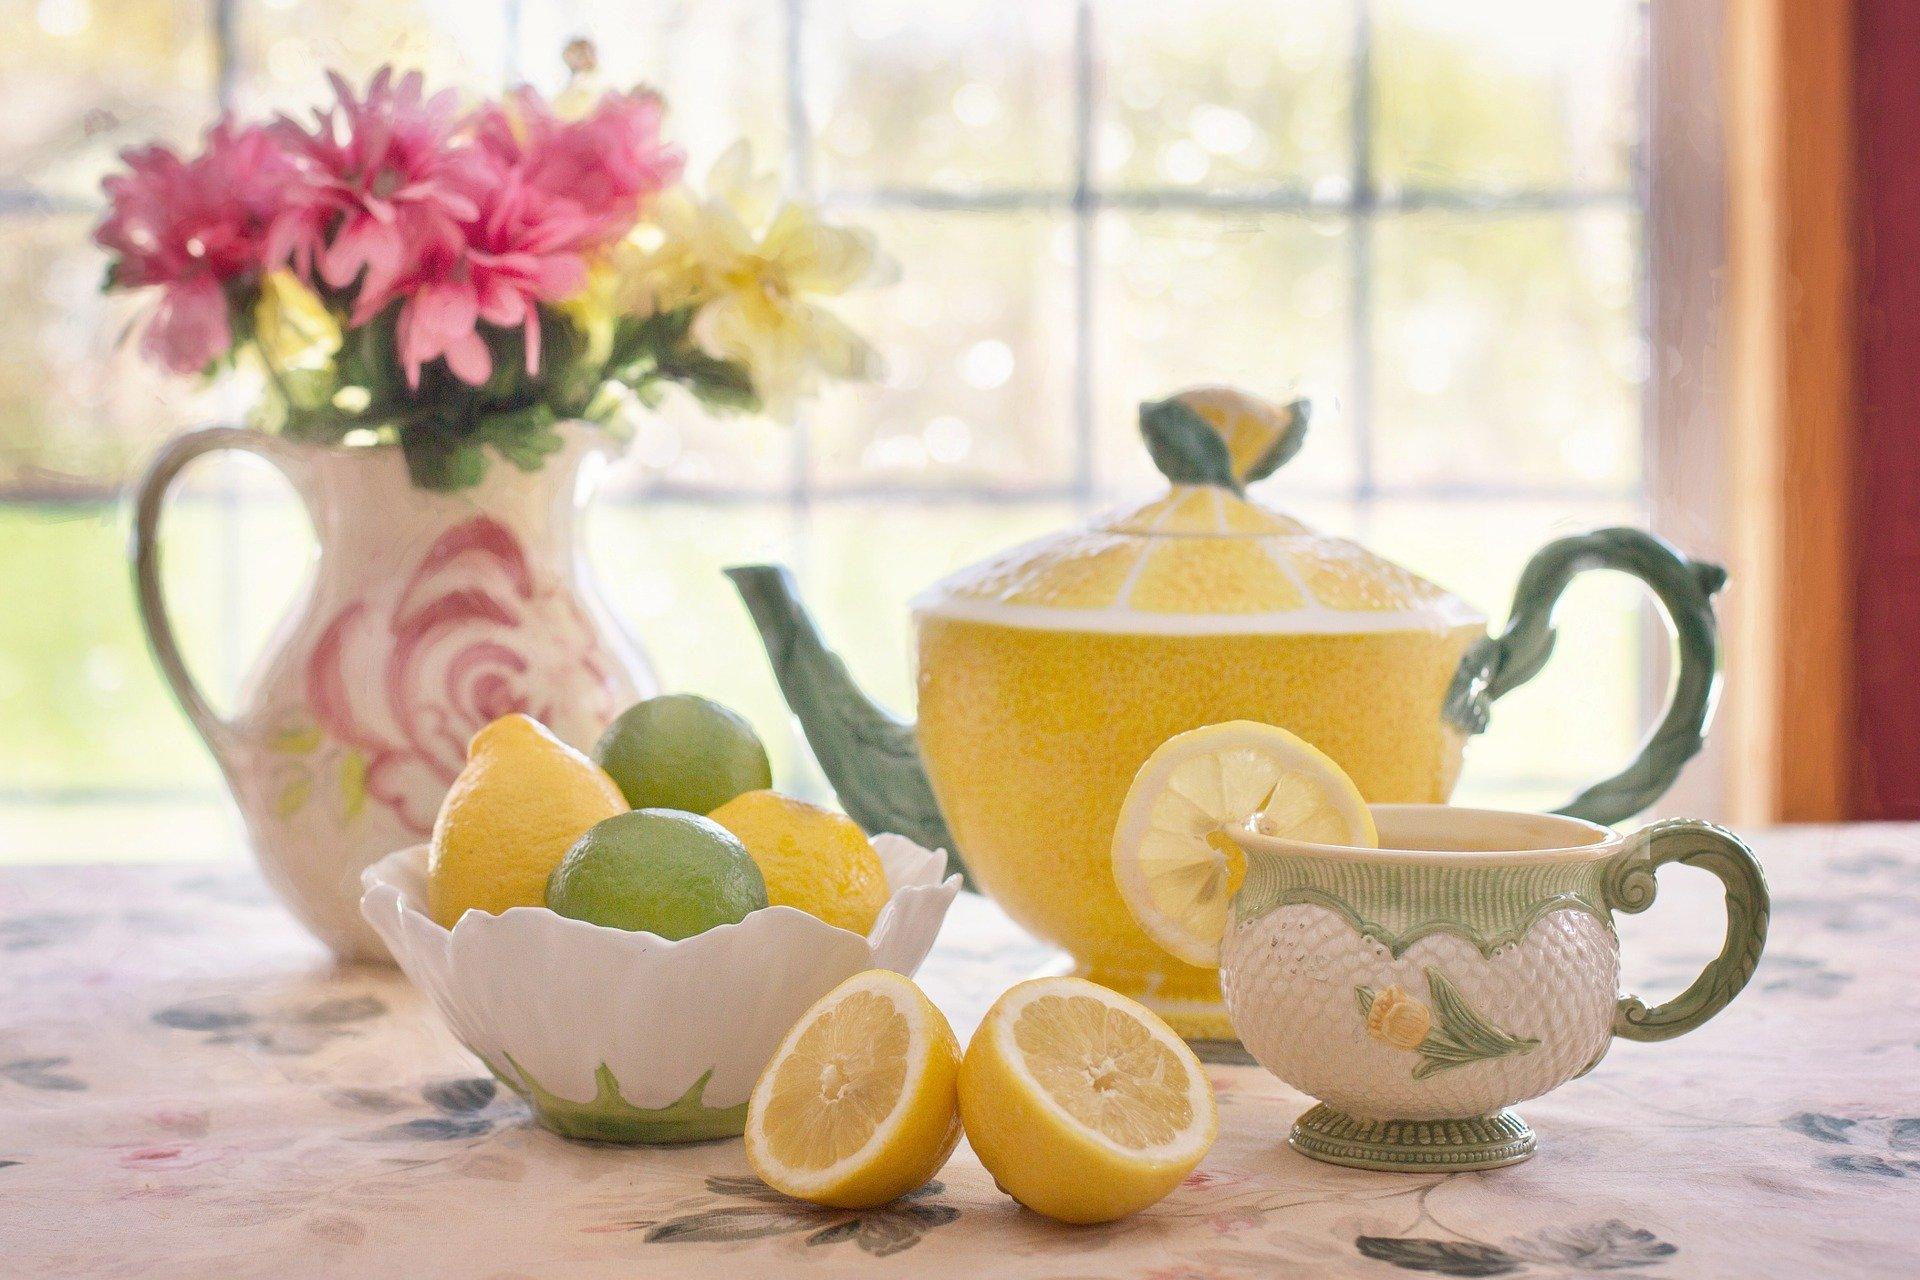 המלצות לחליטות תה בריאות